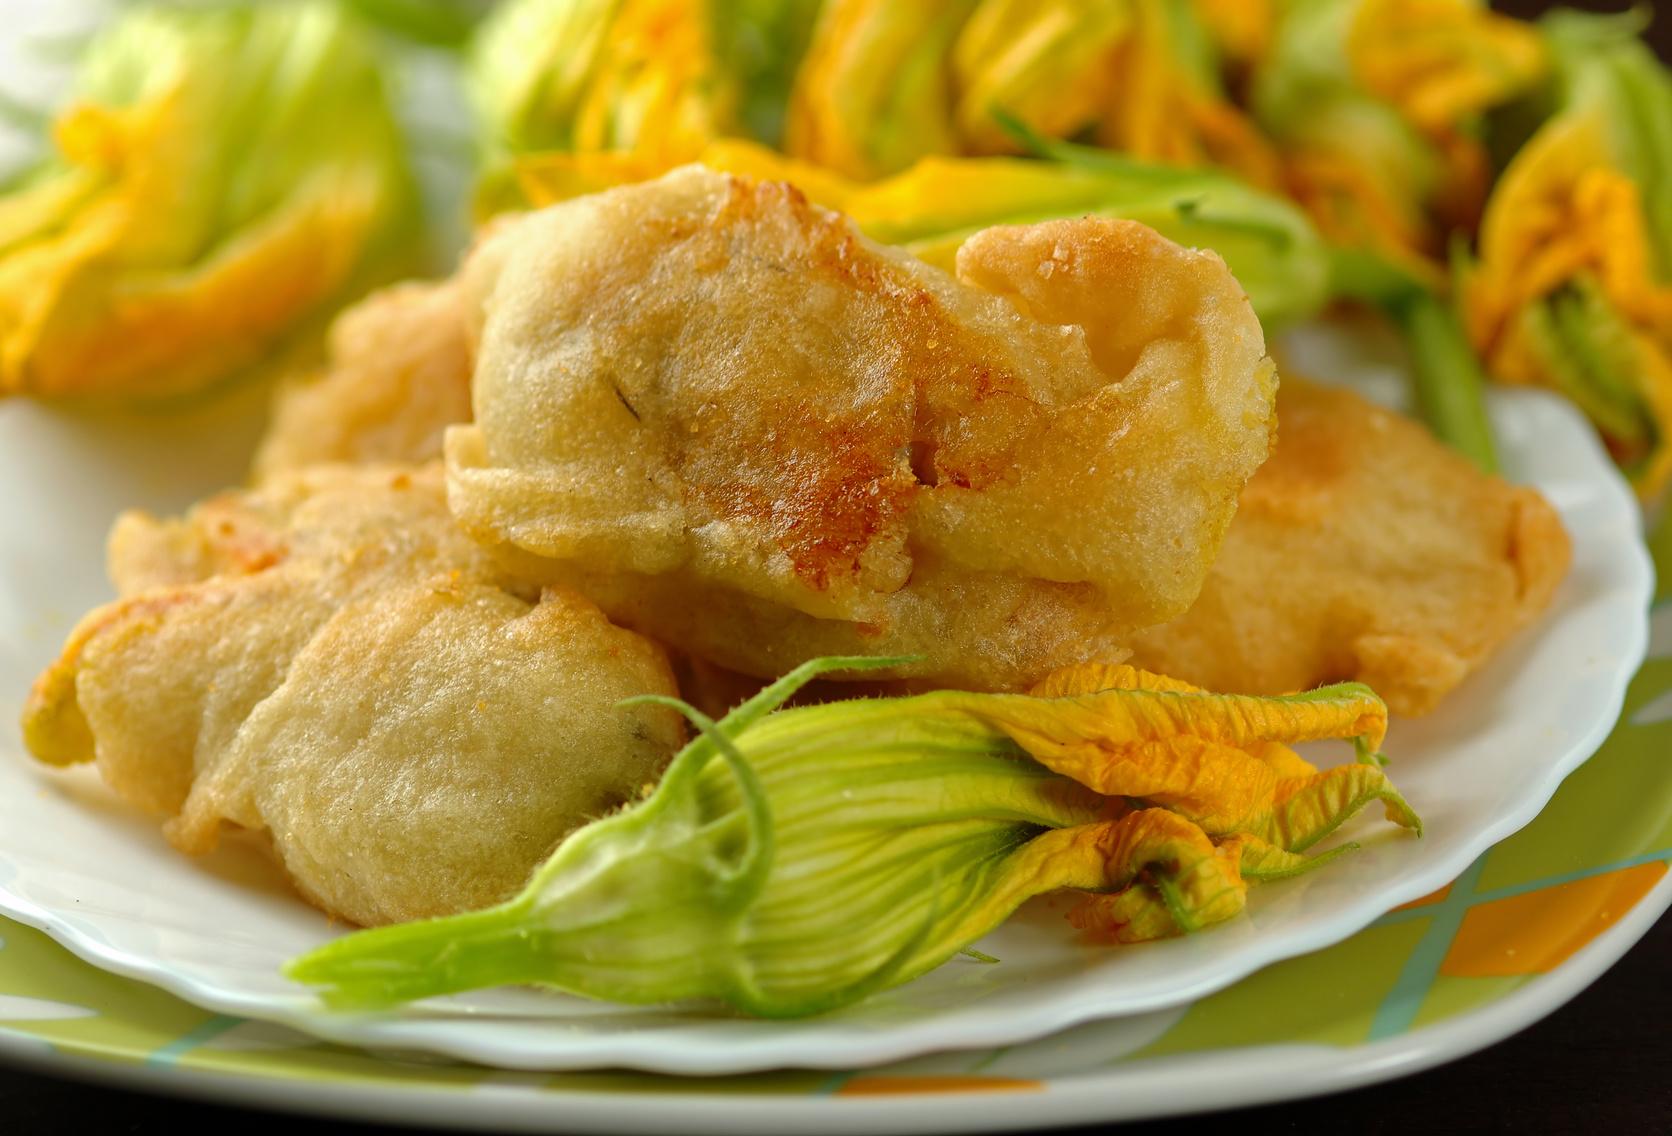 Fiori di zucca o di zucchina due ricette for Antipasti romani